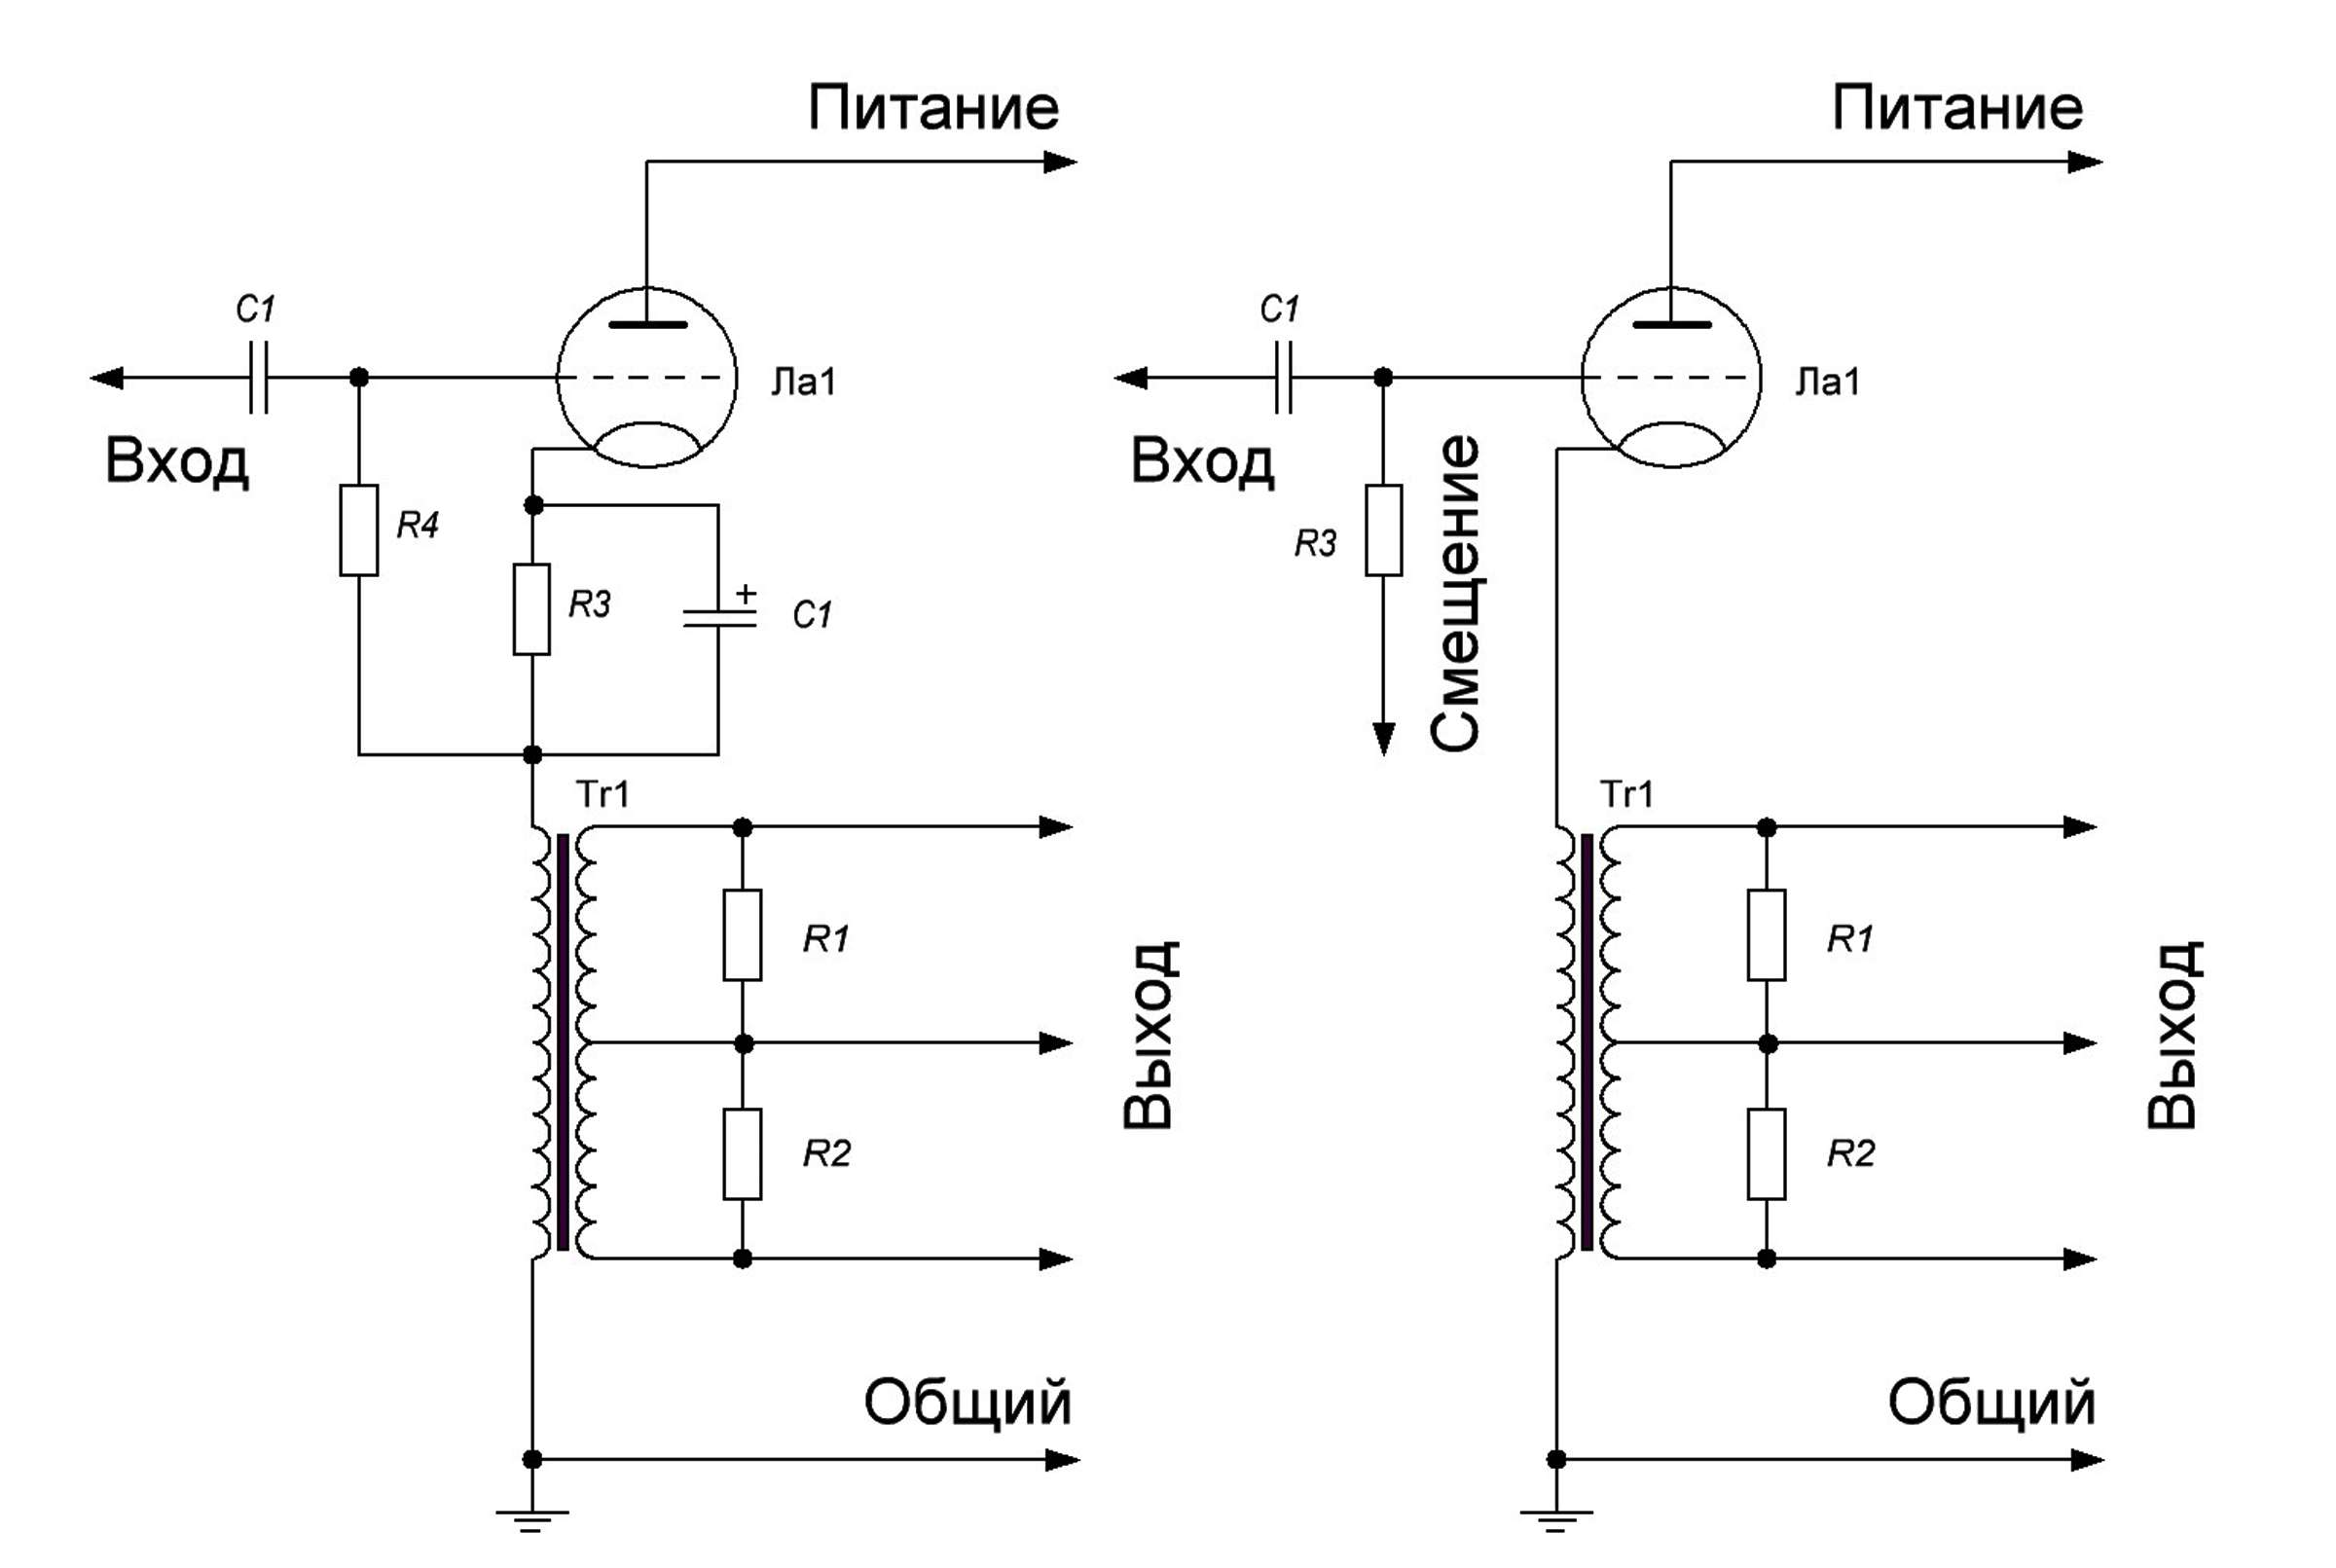 Схема электрическая принципиальная возможной модернизации усилителя